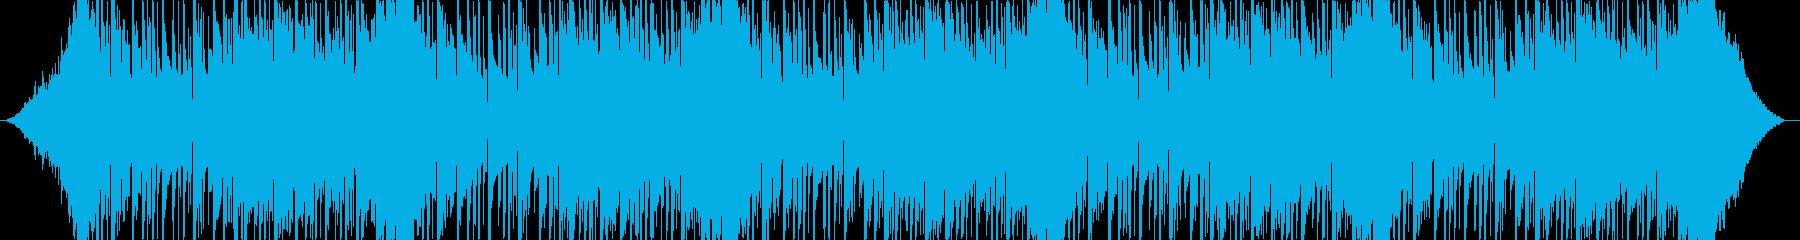 踊れる、緩めのトラップミュージック。の再生済みの波形